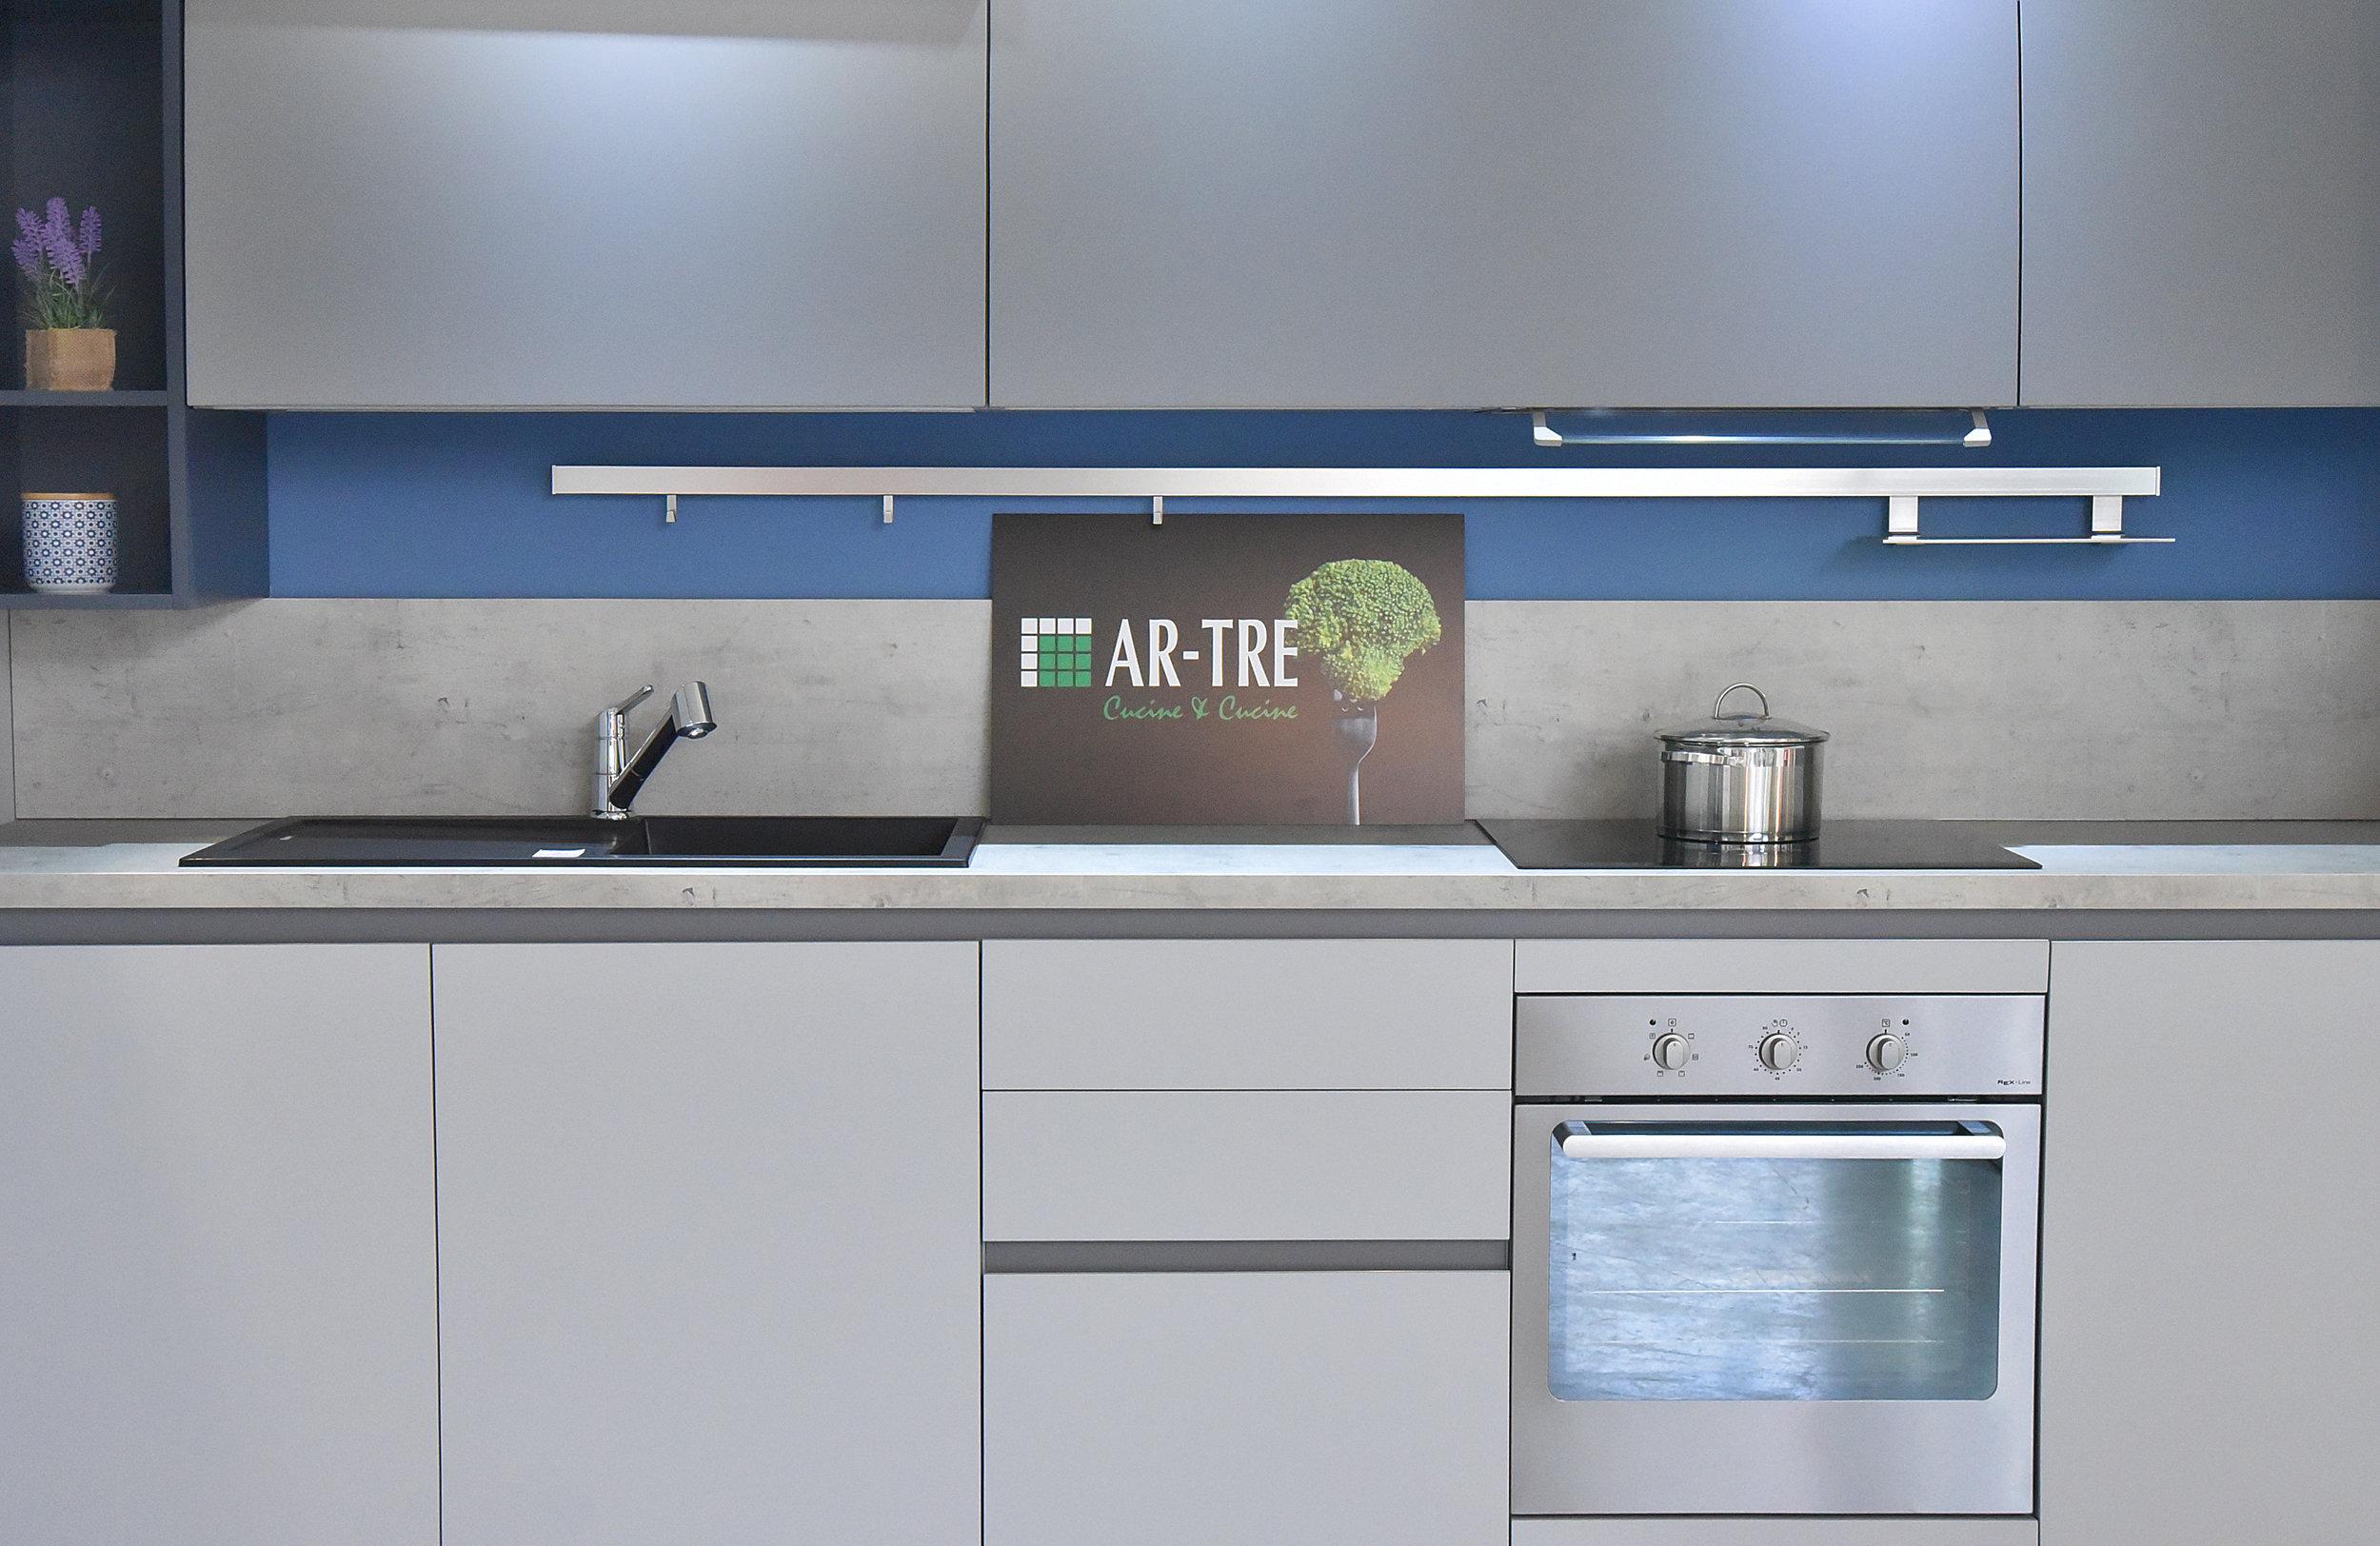 cucina 04 - 01.jpg